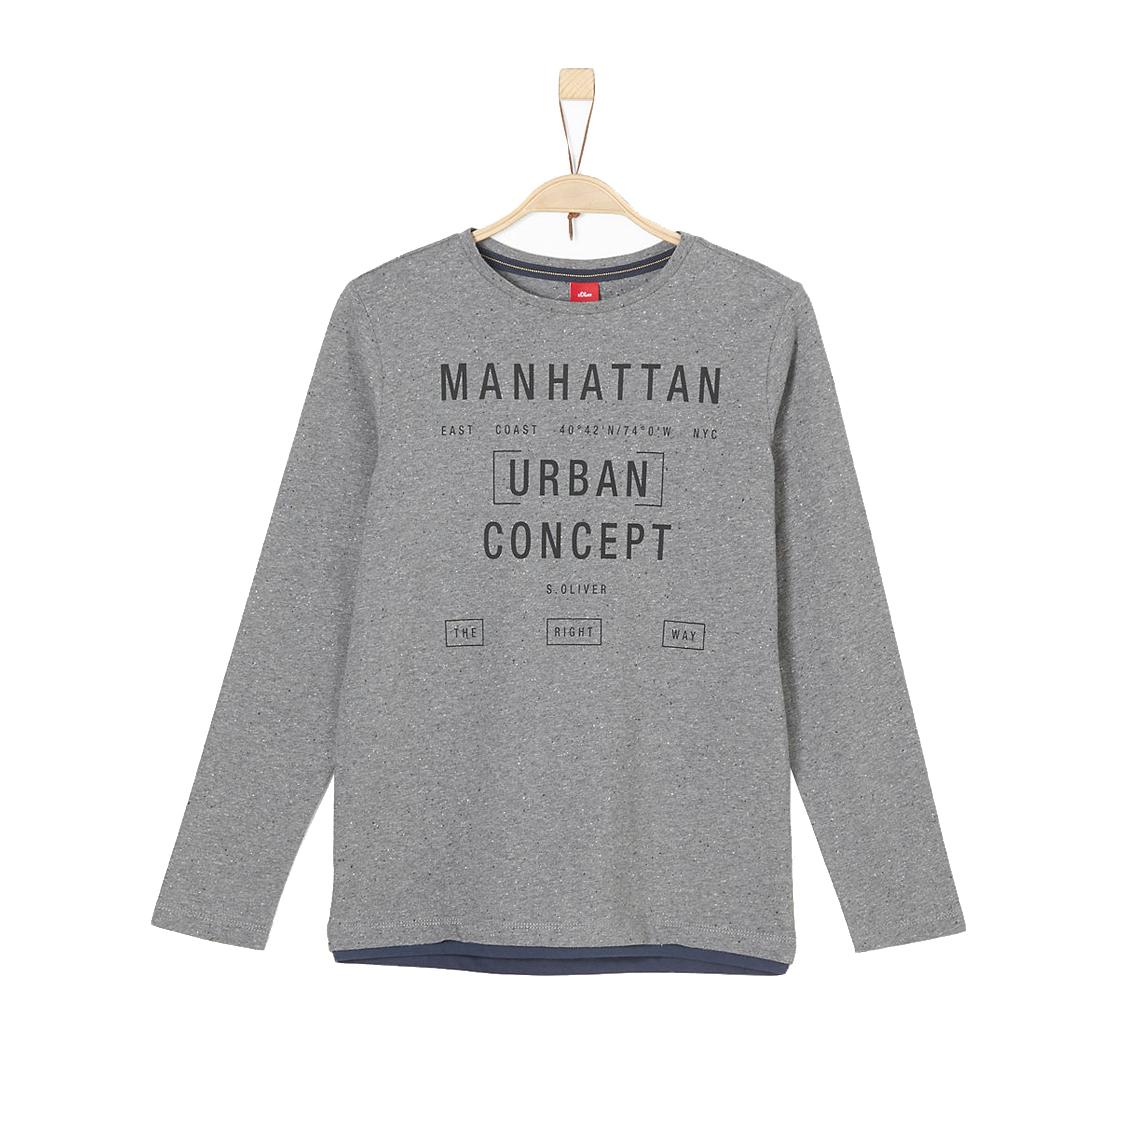 Tee-shirt manches longues col rond  en jersey de coton gris anthracite chiné floqué en noir